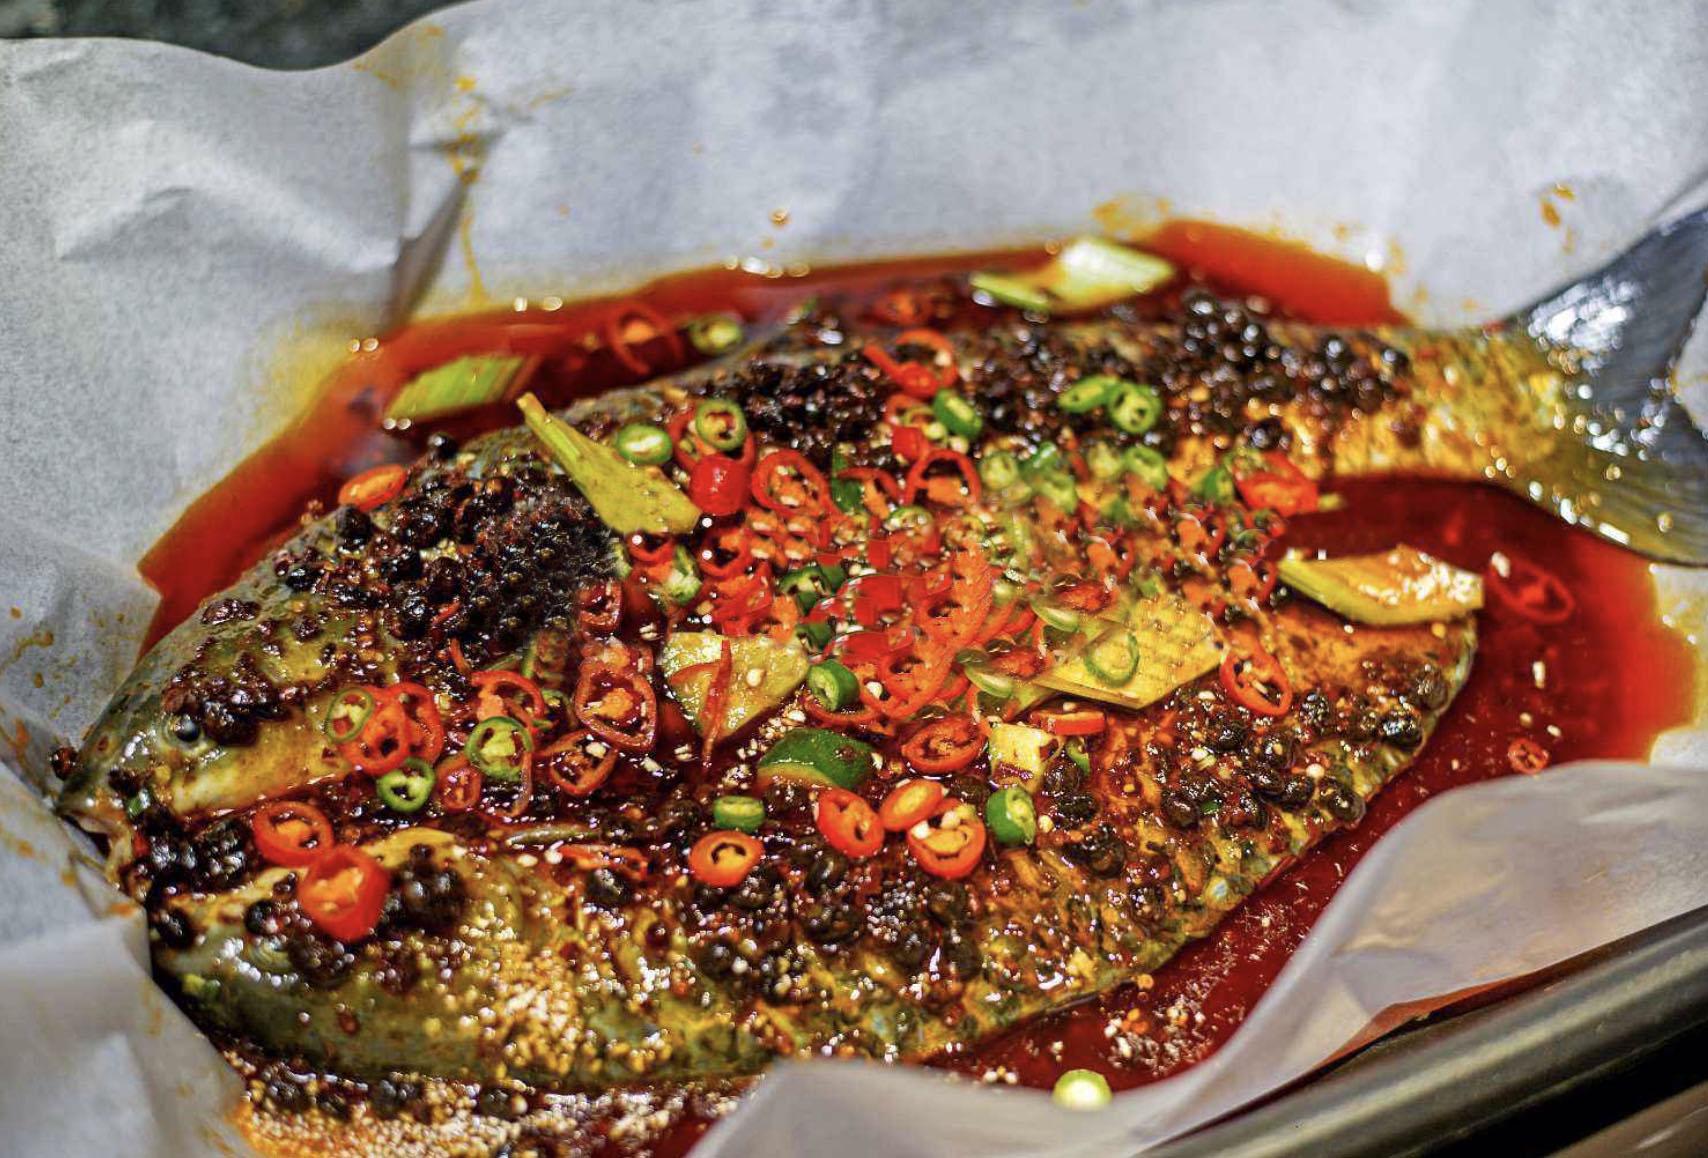 家庭版纸包鱼也能很美味之豆豉纸包鱼!